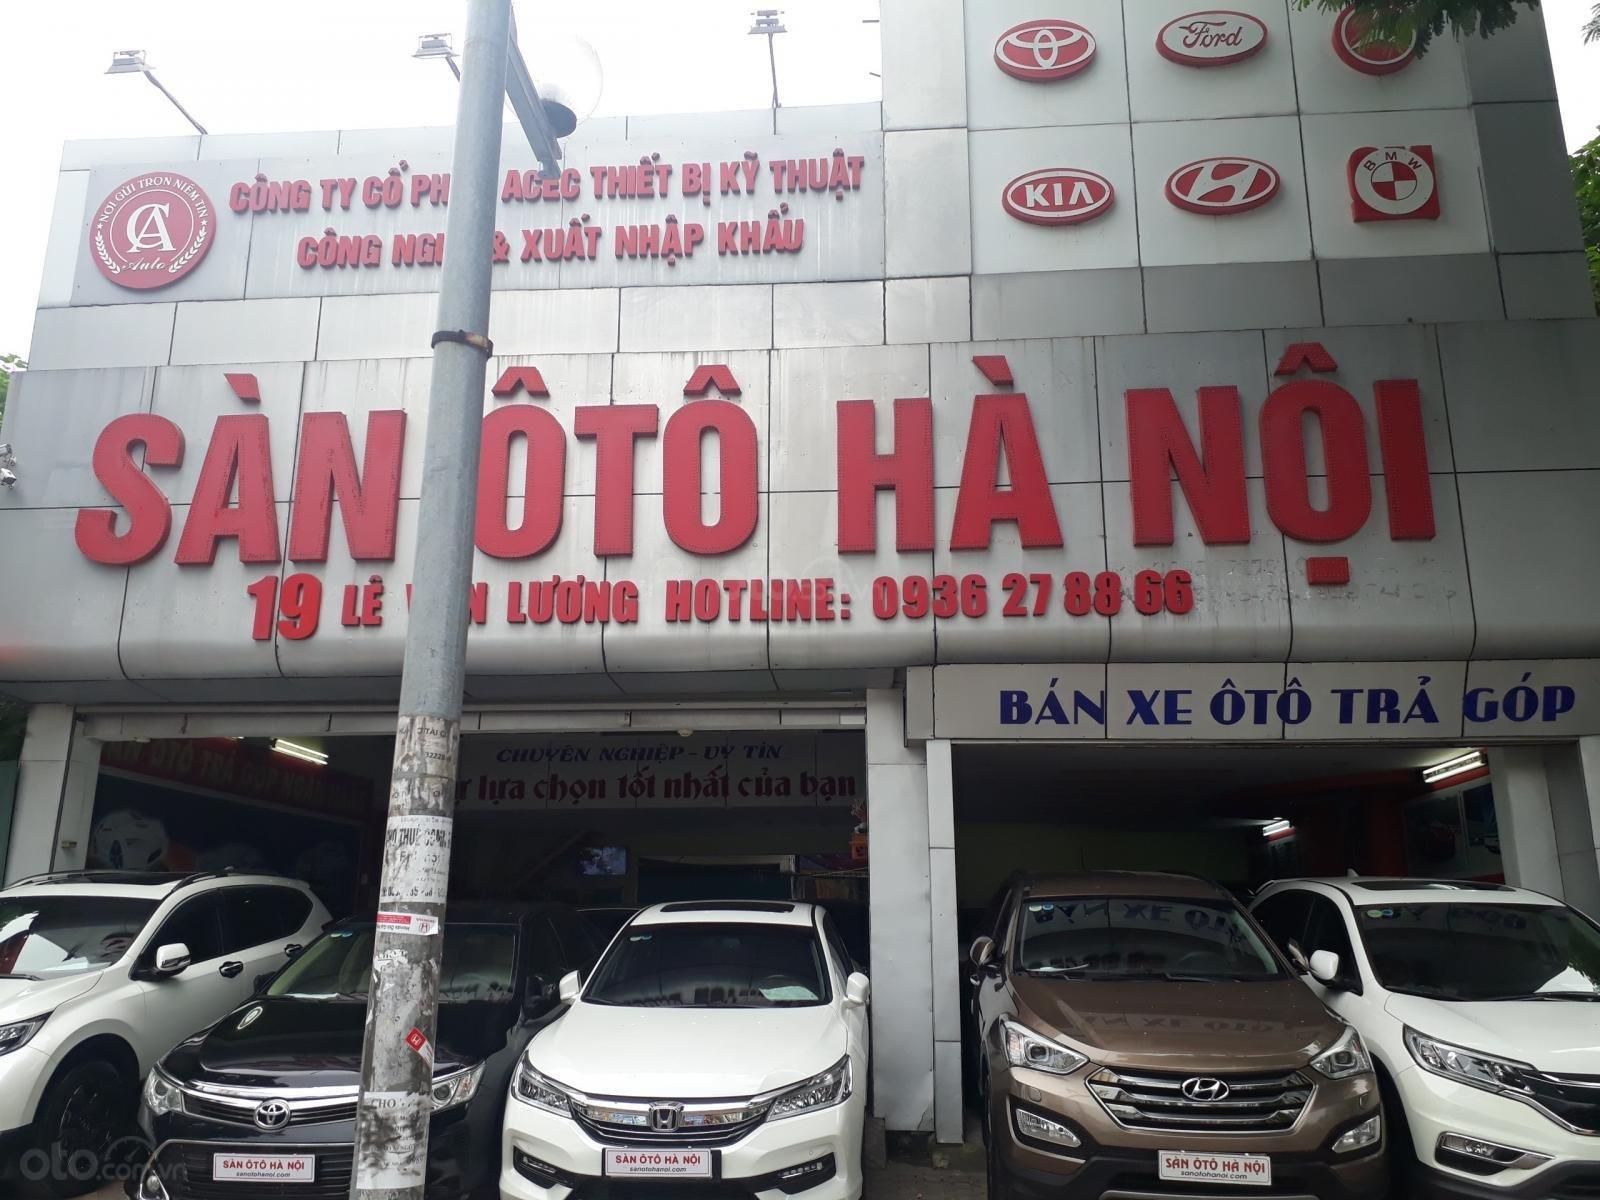 Sàn ô tô Hà Nội (5)